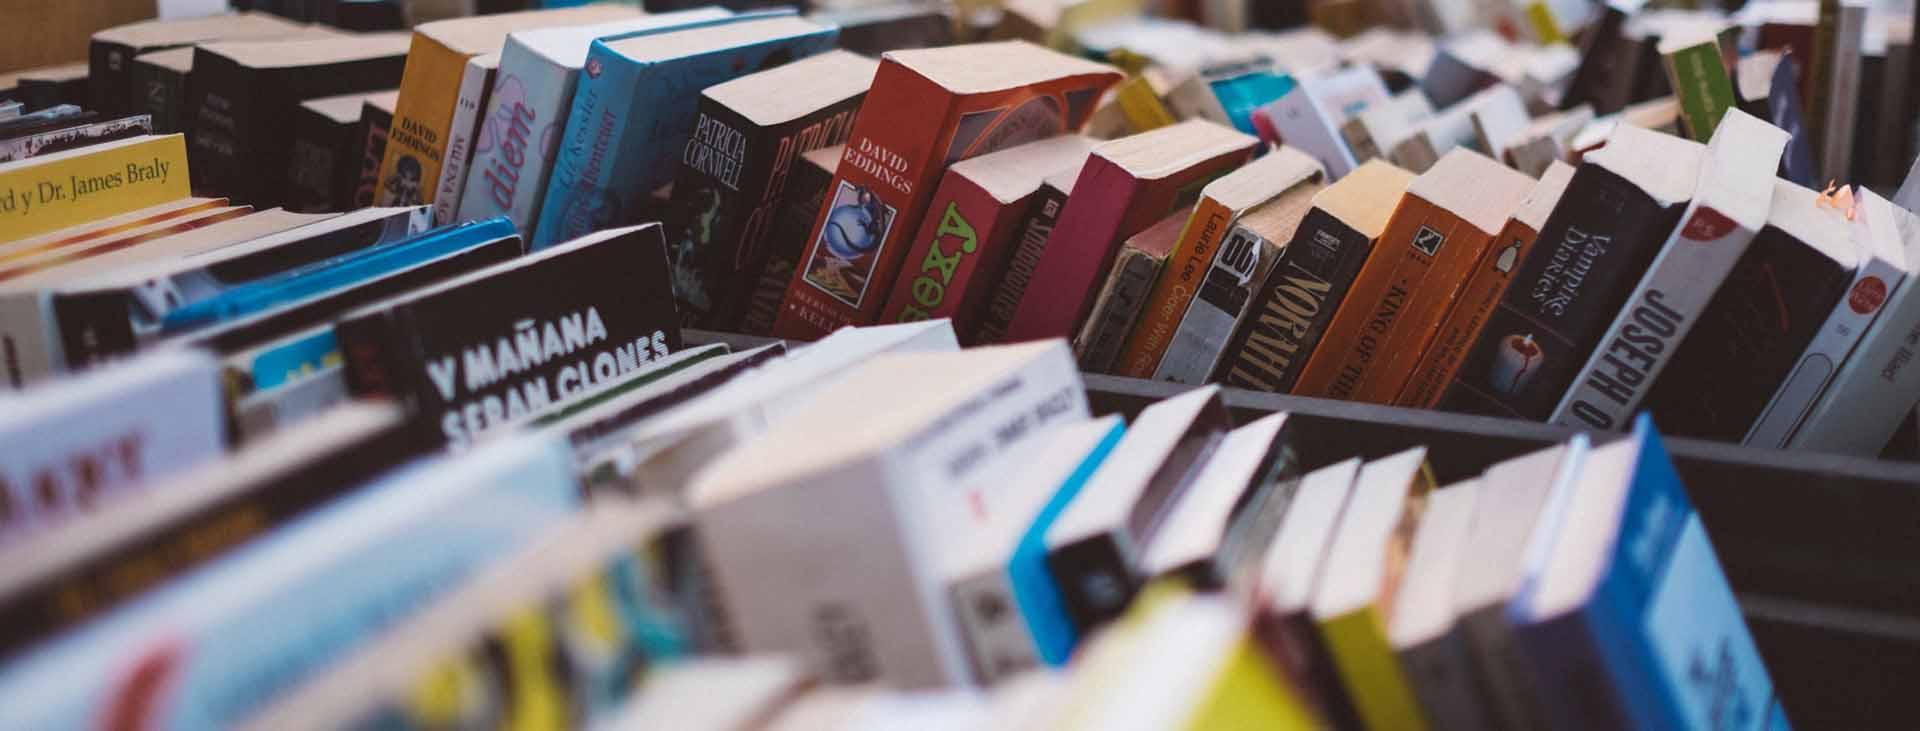 boeken op een rij